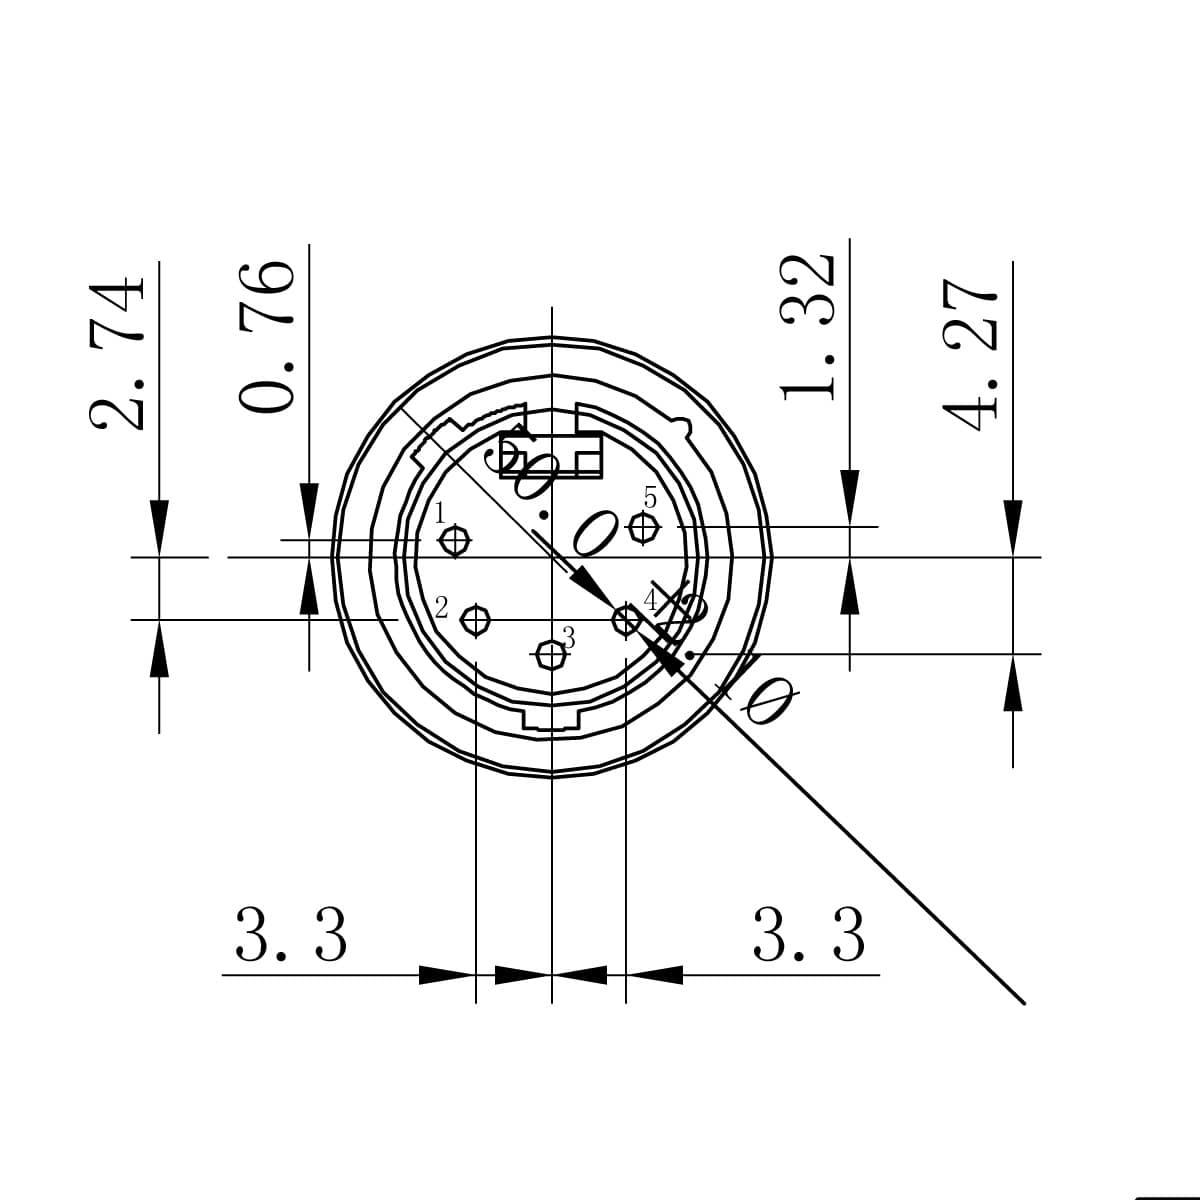 Enova Xlr 5 Pin Male Connector